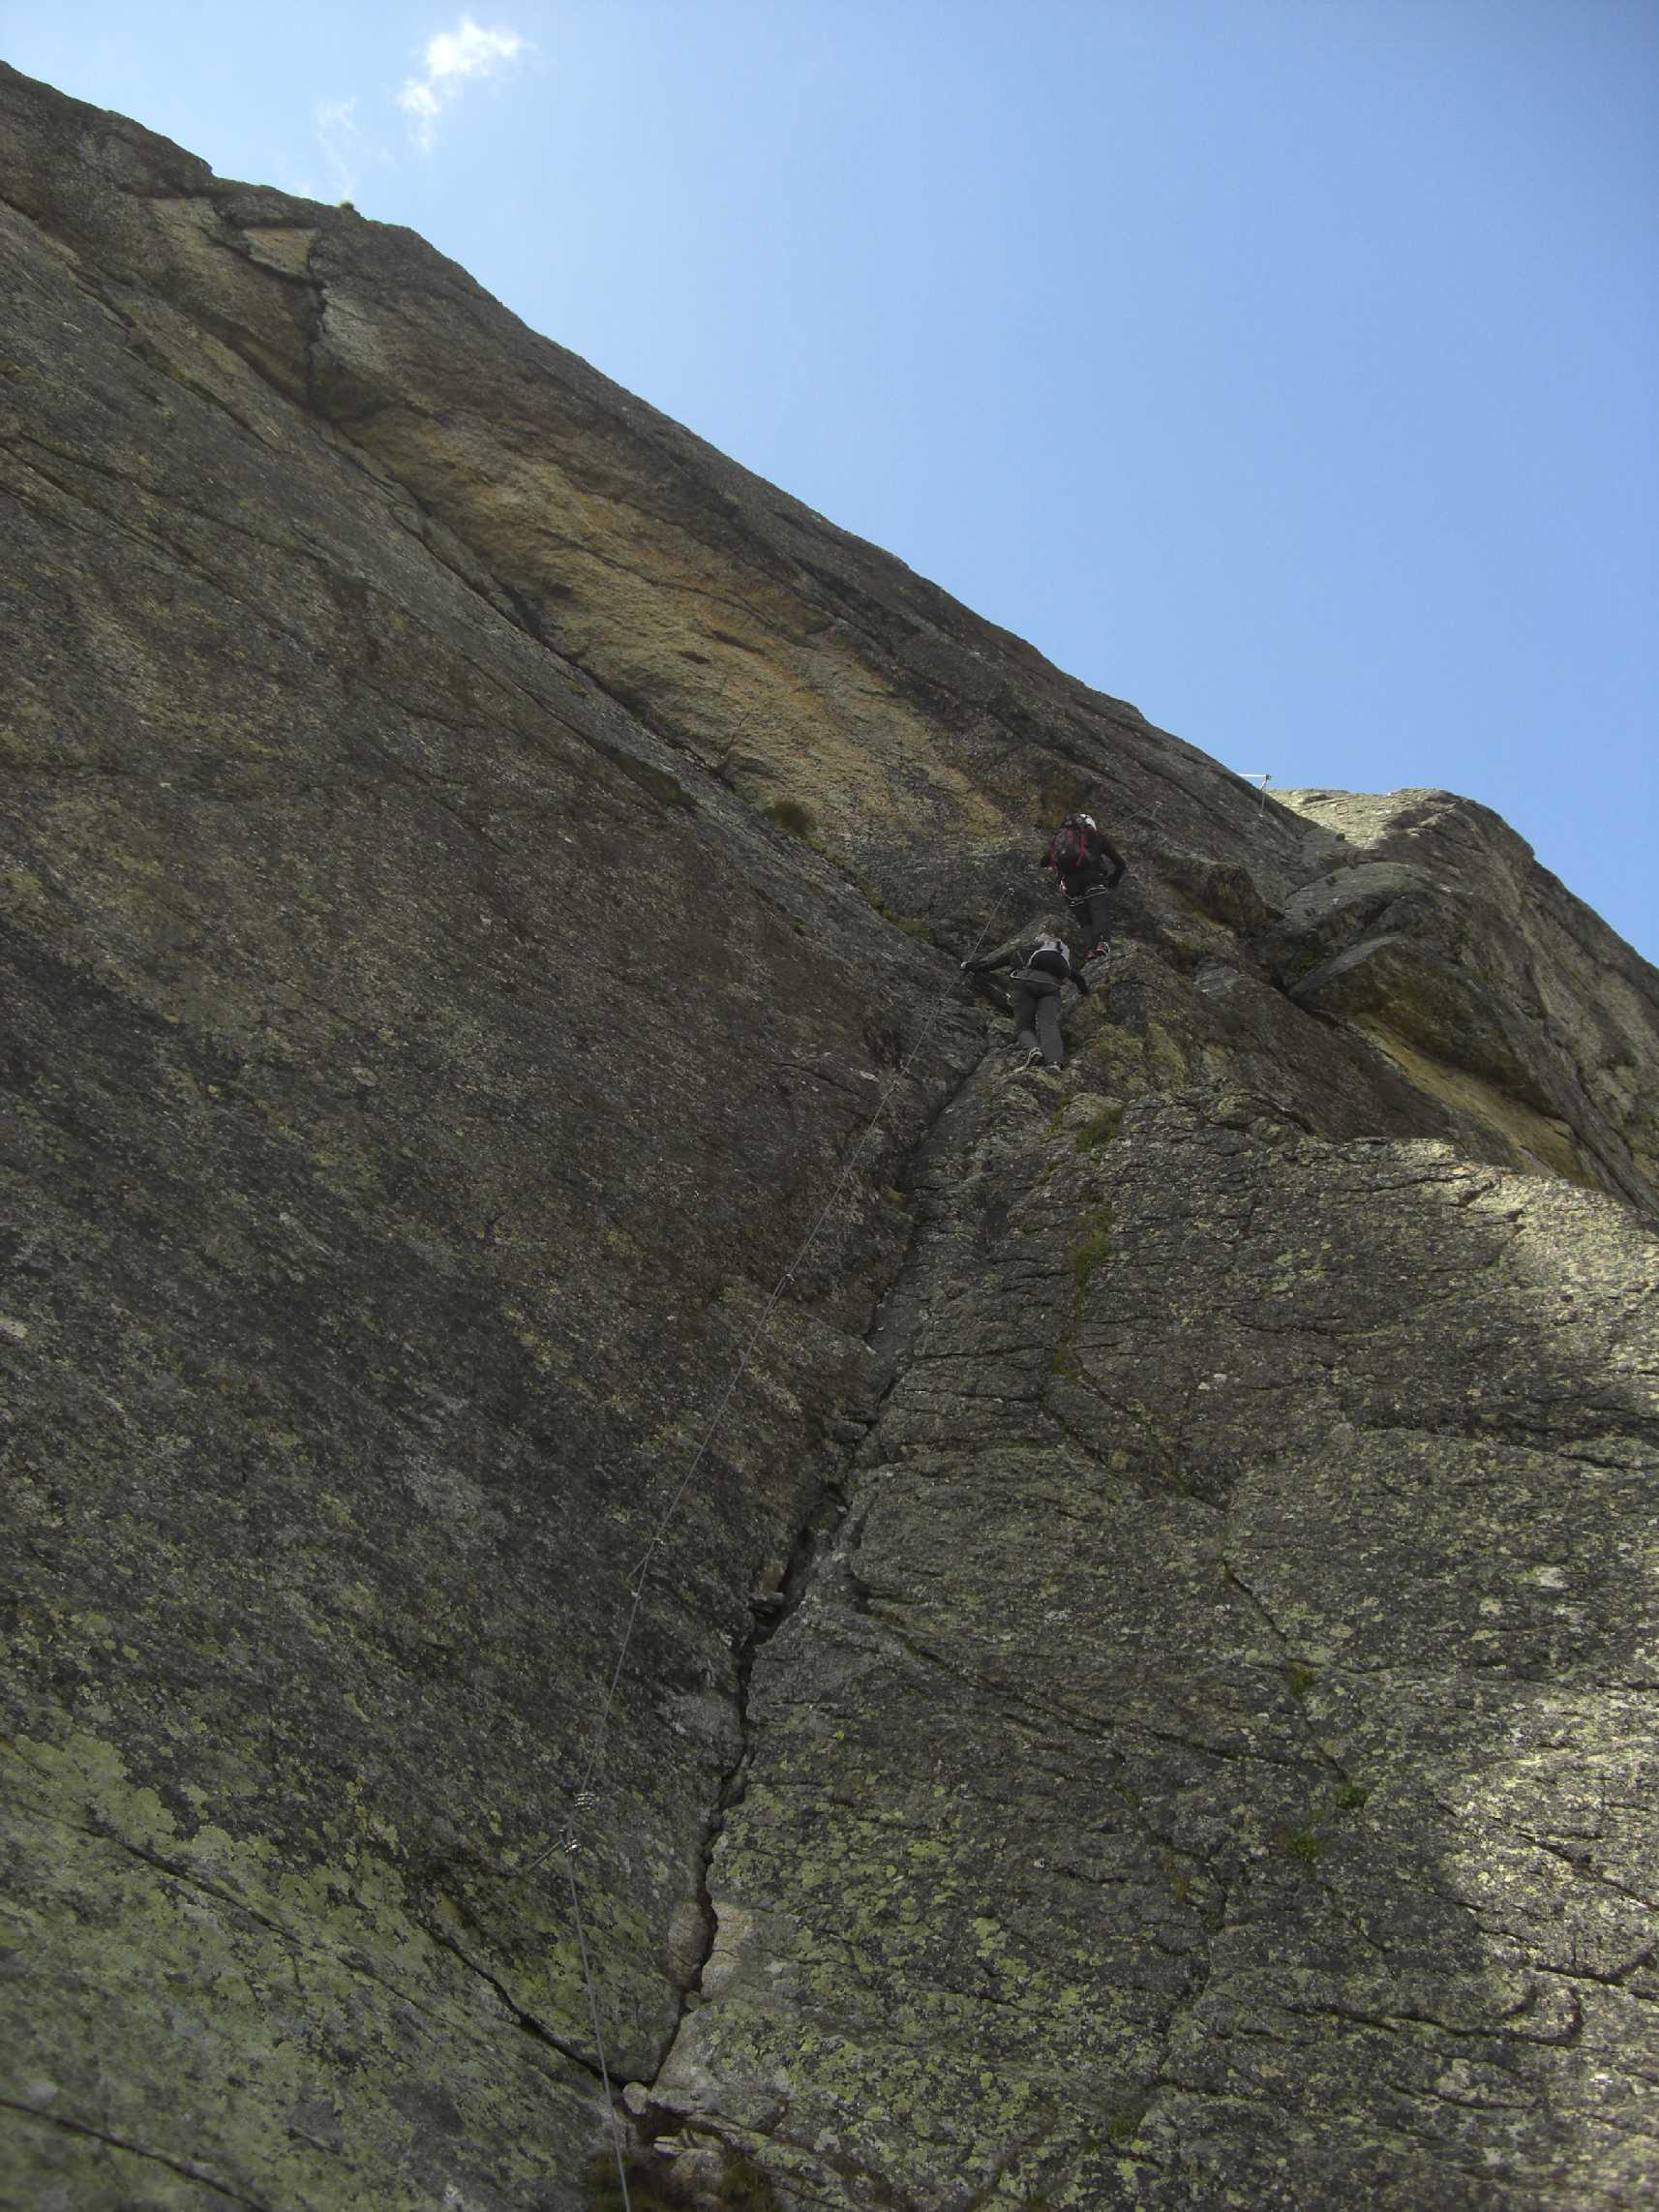 Rampe am Einstieg, Klettersteig